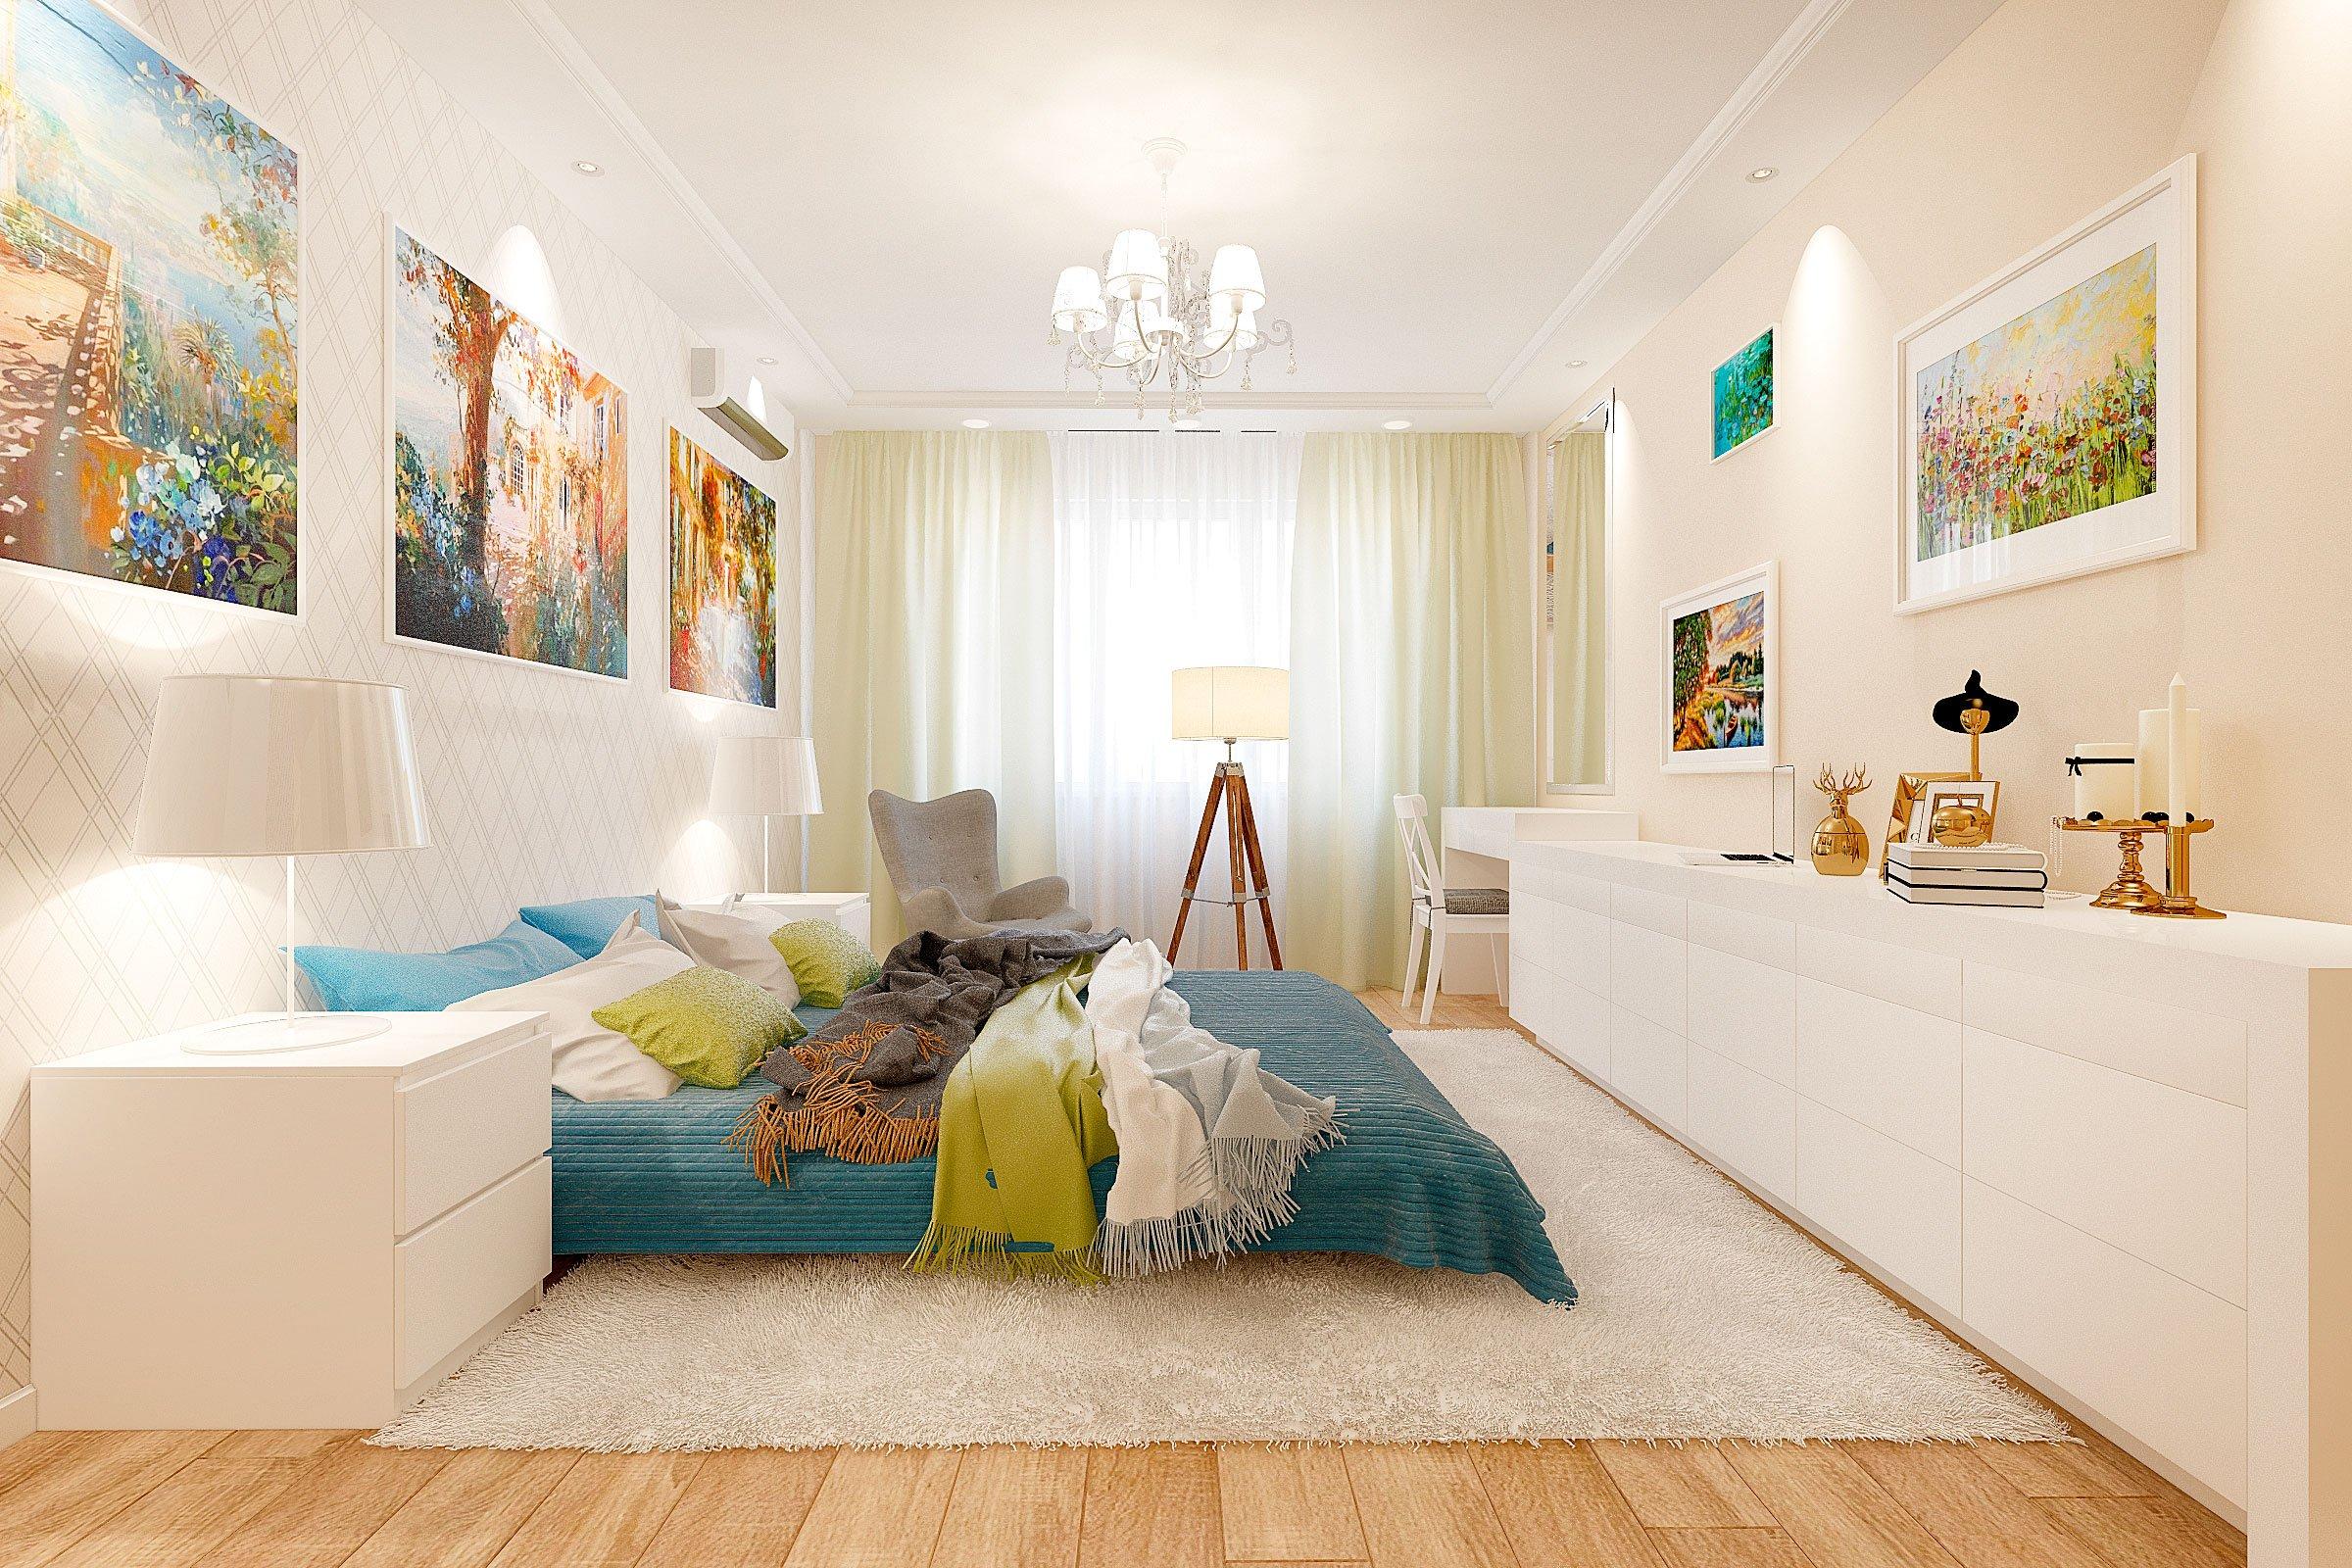 дизайн интерьера спальни в скандинавском стиле, Гомель 2018, фото №4